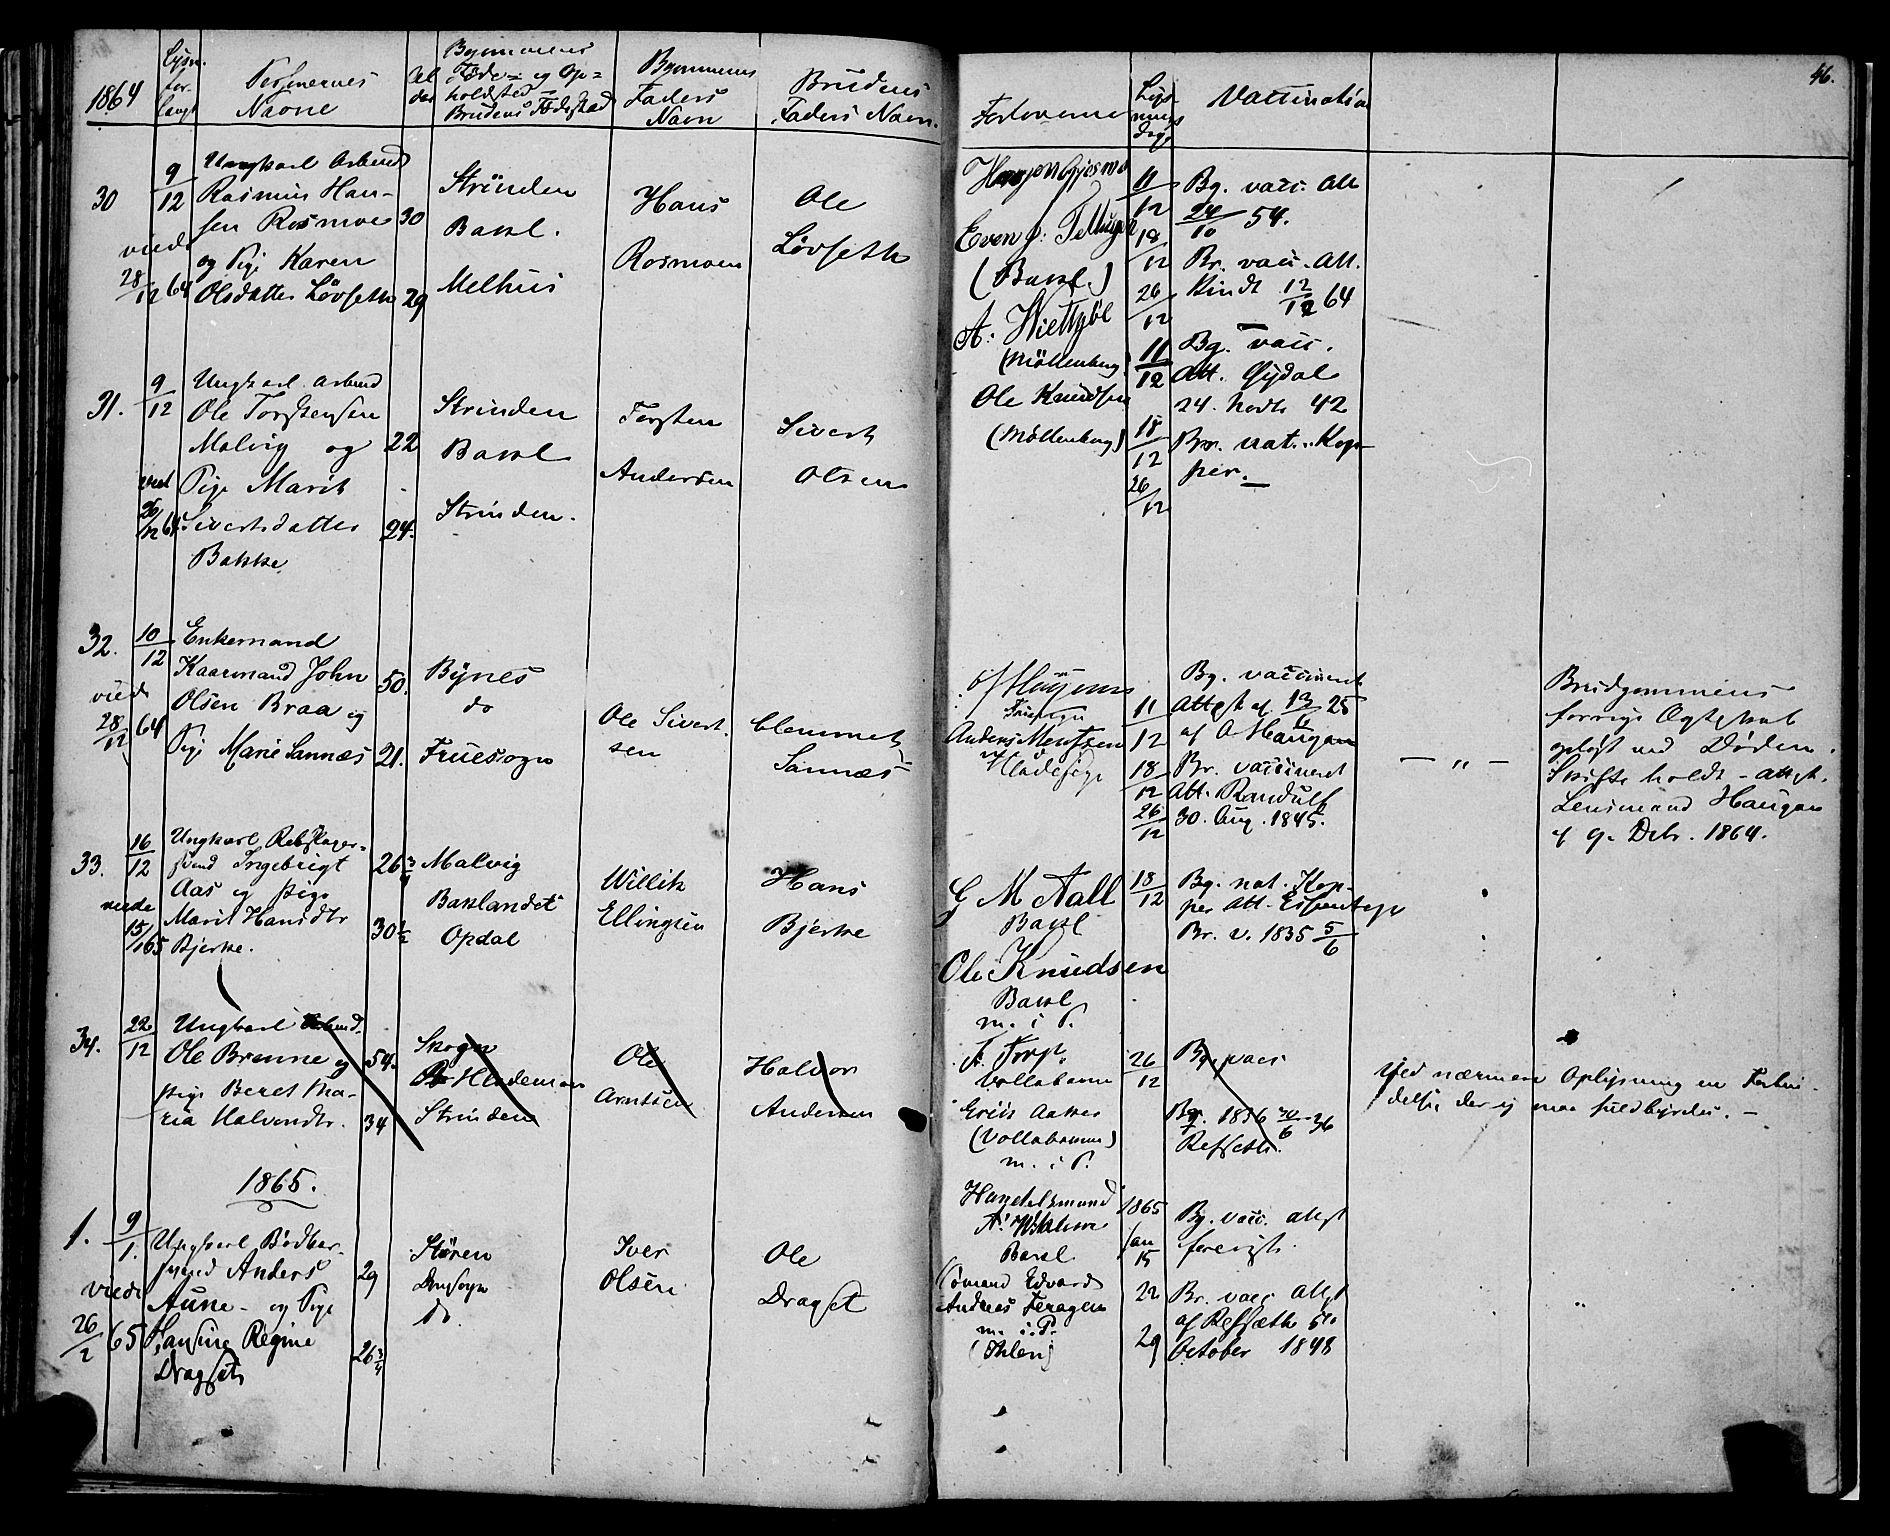 SAT, Ministerialprotokoller, klokkerbøker og fødselsregistre - Sør-Trøndelag, 604/L0187: Ministerialbok nr. 604A08, 1847-1878, s. 46